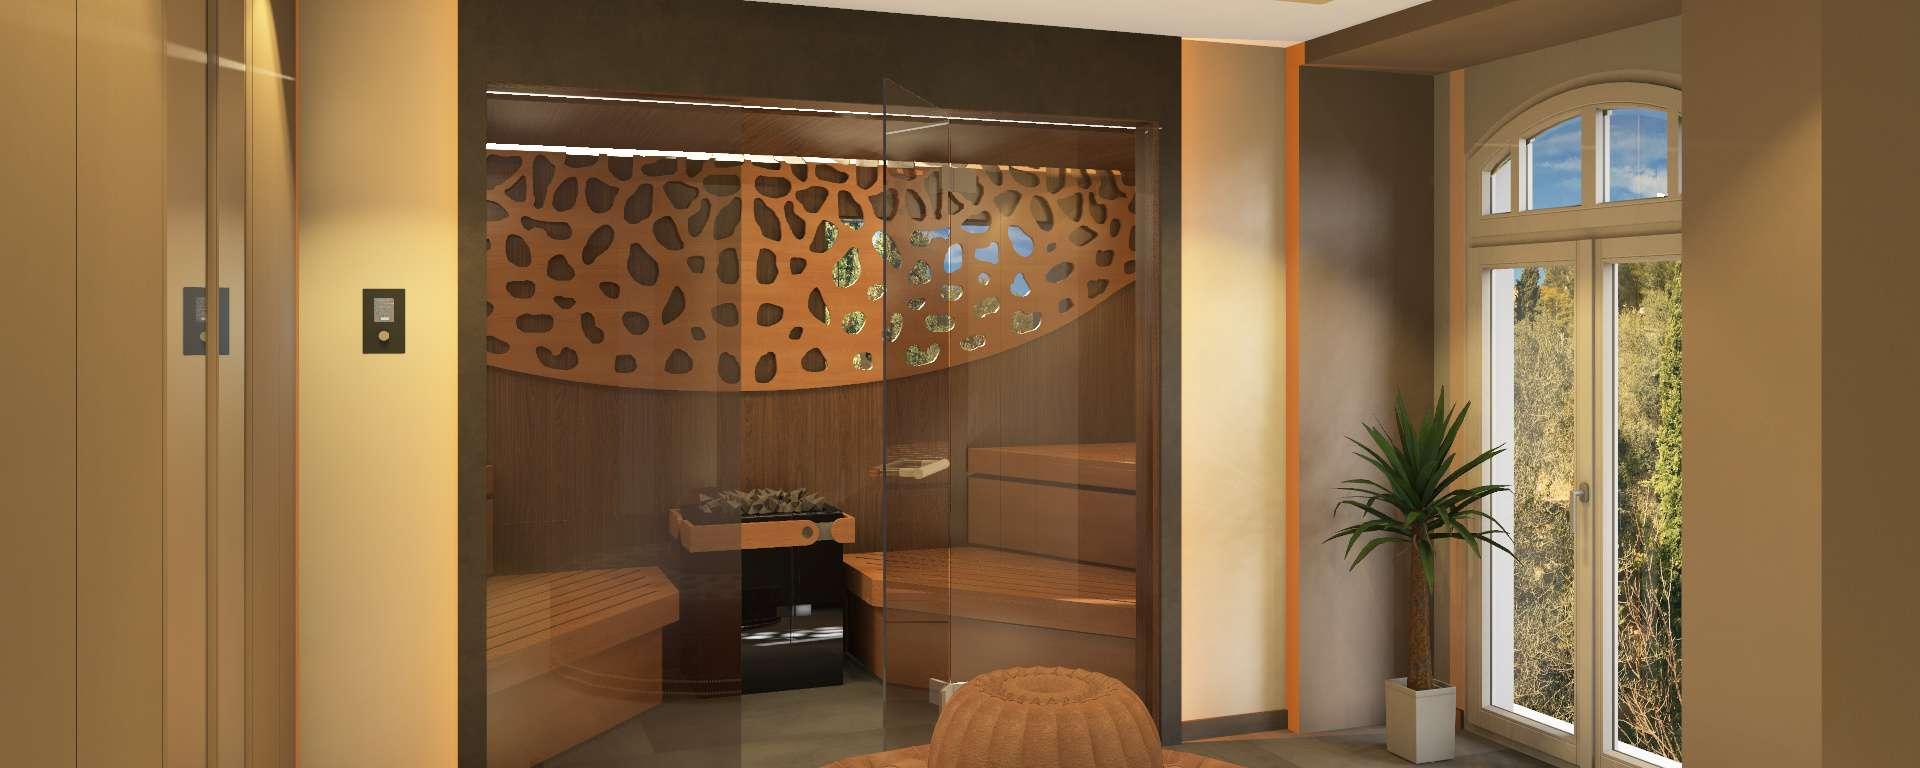 Full Size of Sauna Kaufen Luxus Design Saunabau Wellness Georg Kammerlochner Im Badezimmer Günstig Sofa Küche Garten Gebrauchte Dusche Fenster In Polen Alte Bett Hamburg Wohnzimmer Sauna Kaufen